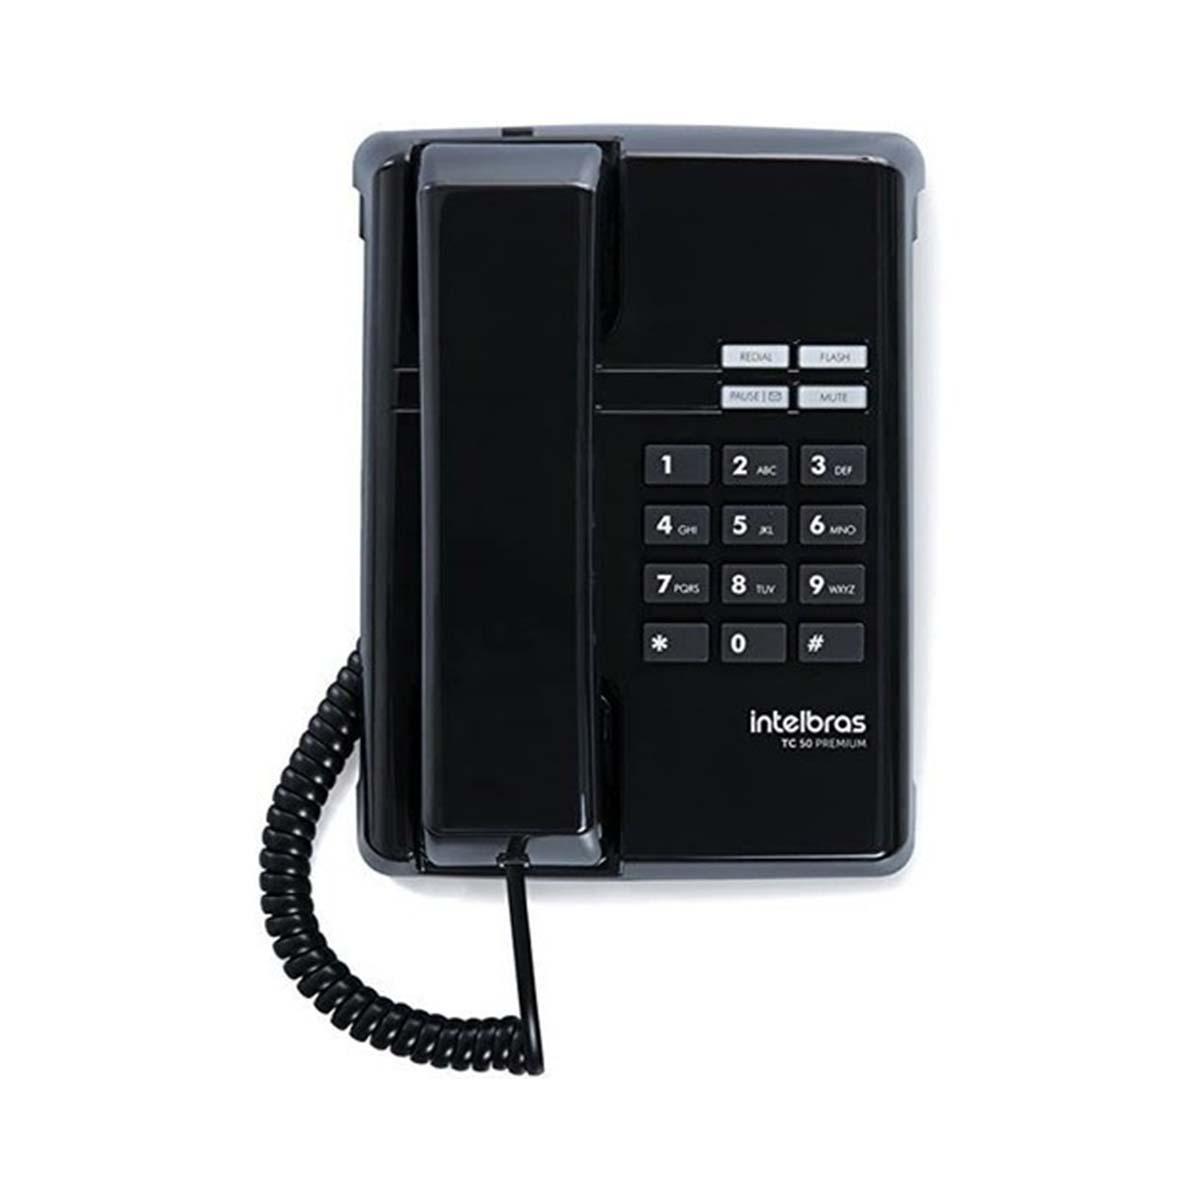 Kit 08 Telefone De Mesa Intelbras Tc50 Premium Preto